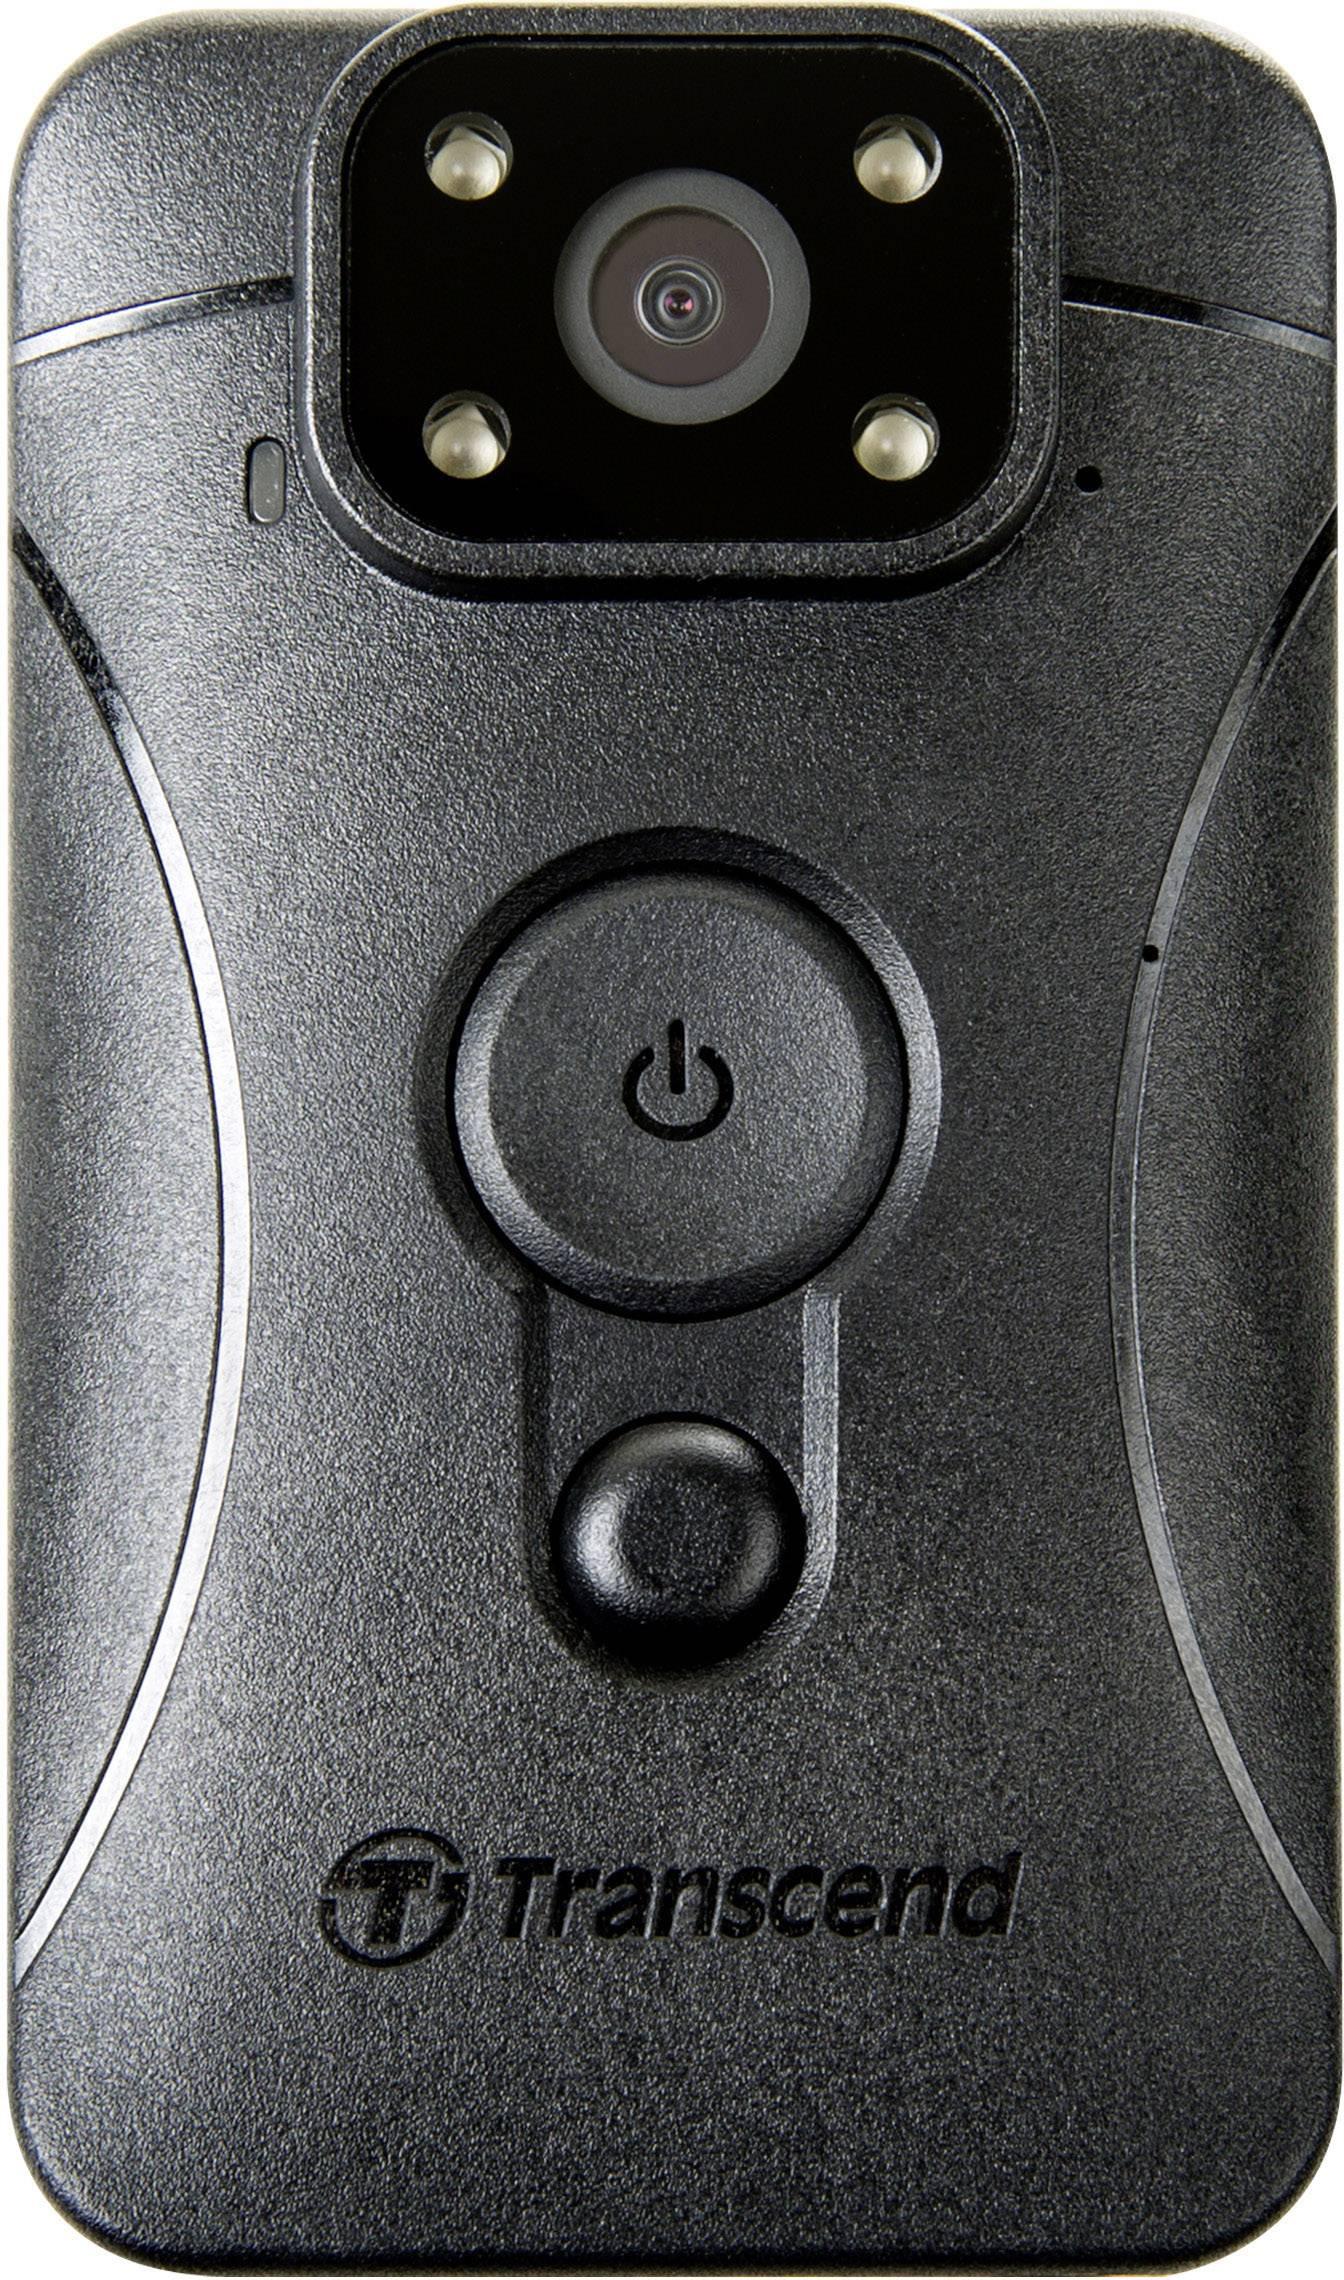 Osobná kamera Transcend DrivePro Body 10, Full HD, mini kamera, odolná proti vode